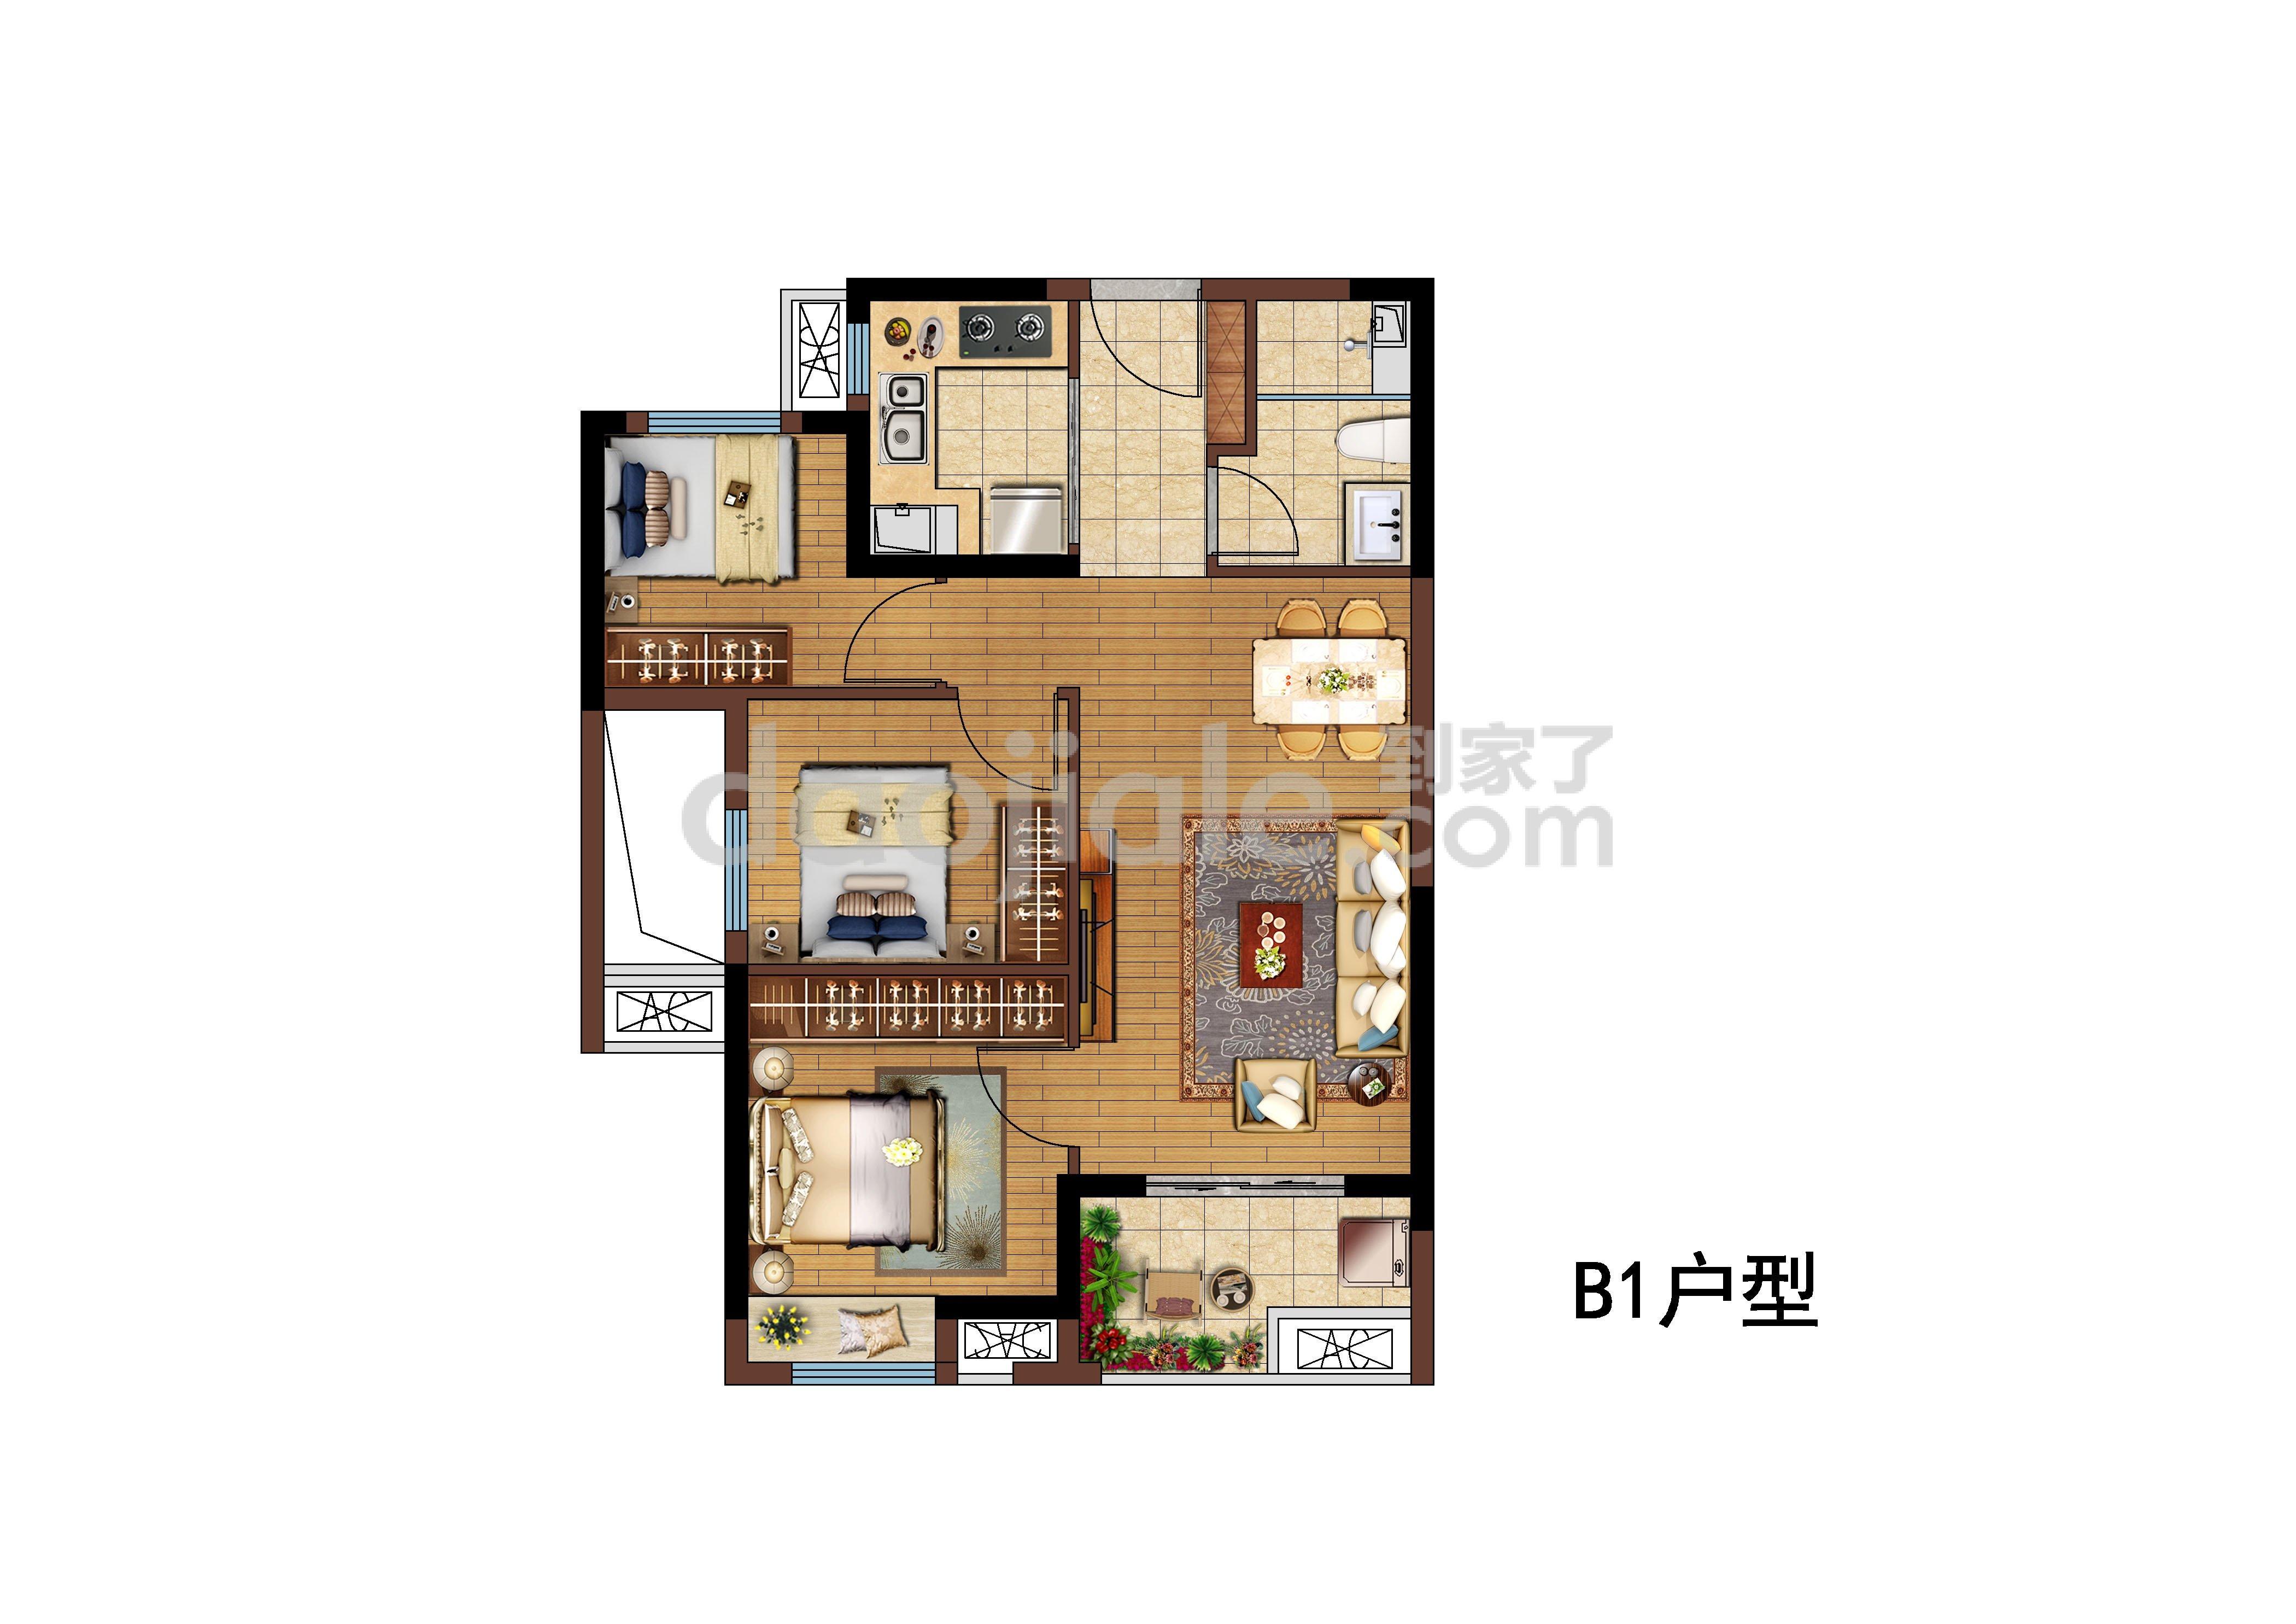 晋安区五四北天空之城新房B1户型户型图